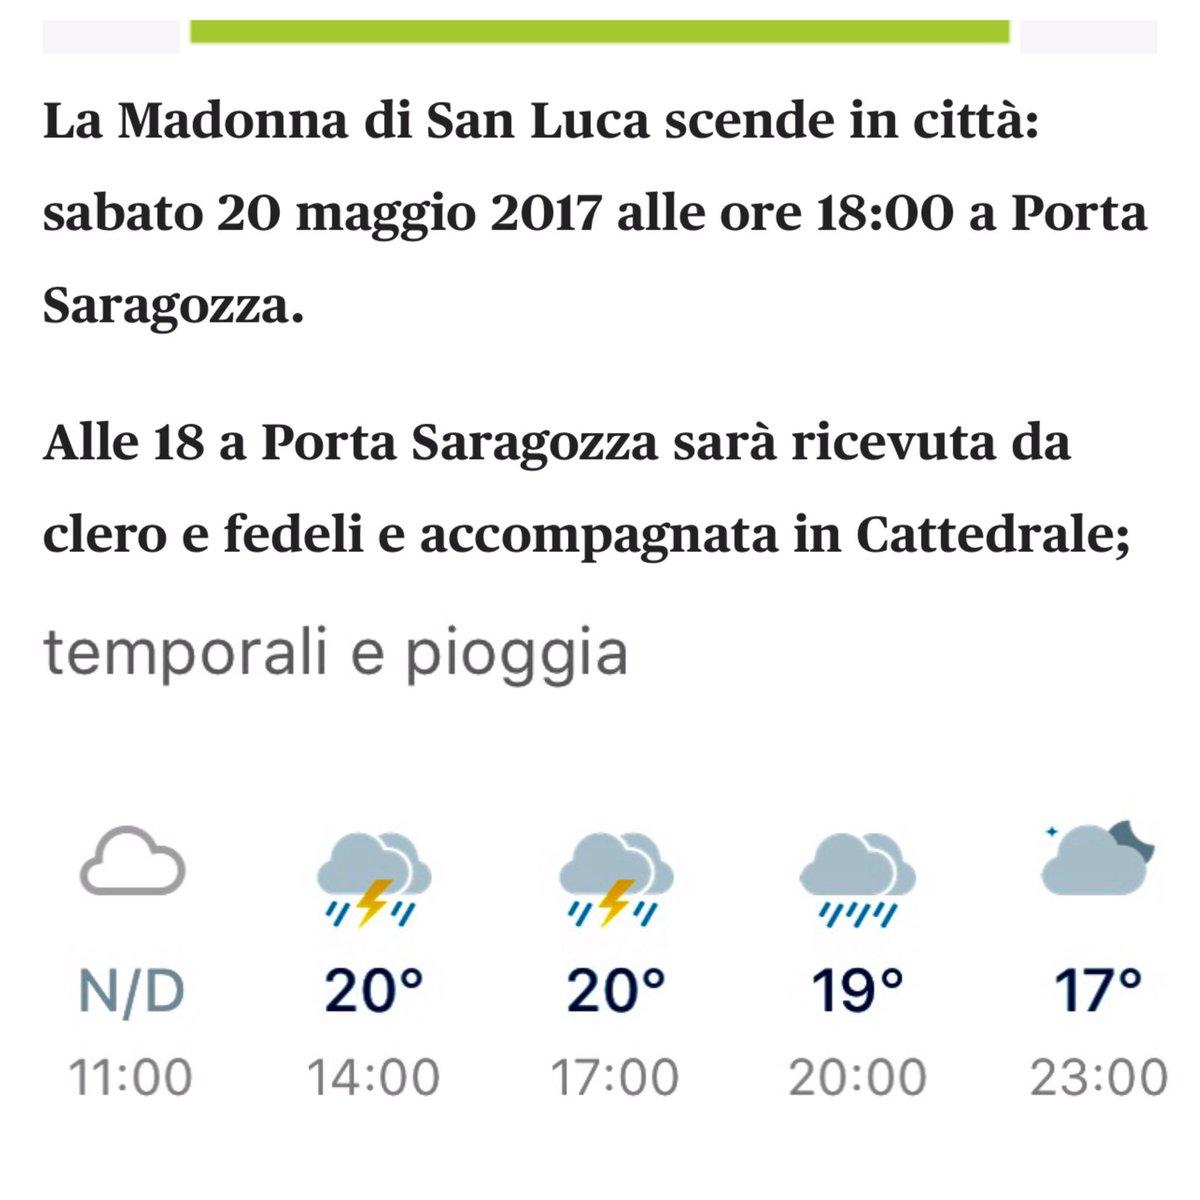 #Bologna #ScendeLaMadonna #ArrivaIlDiluvio #LeTradizioni